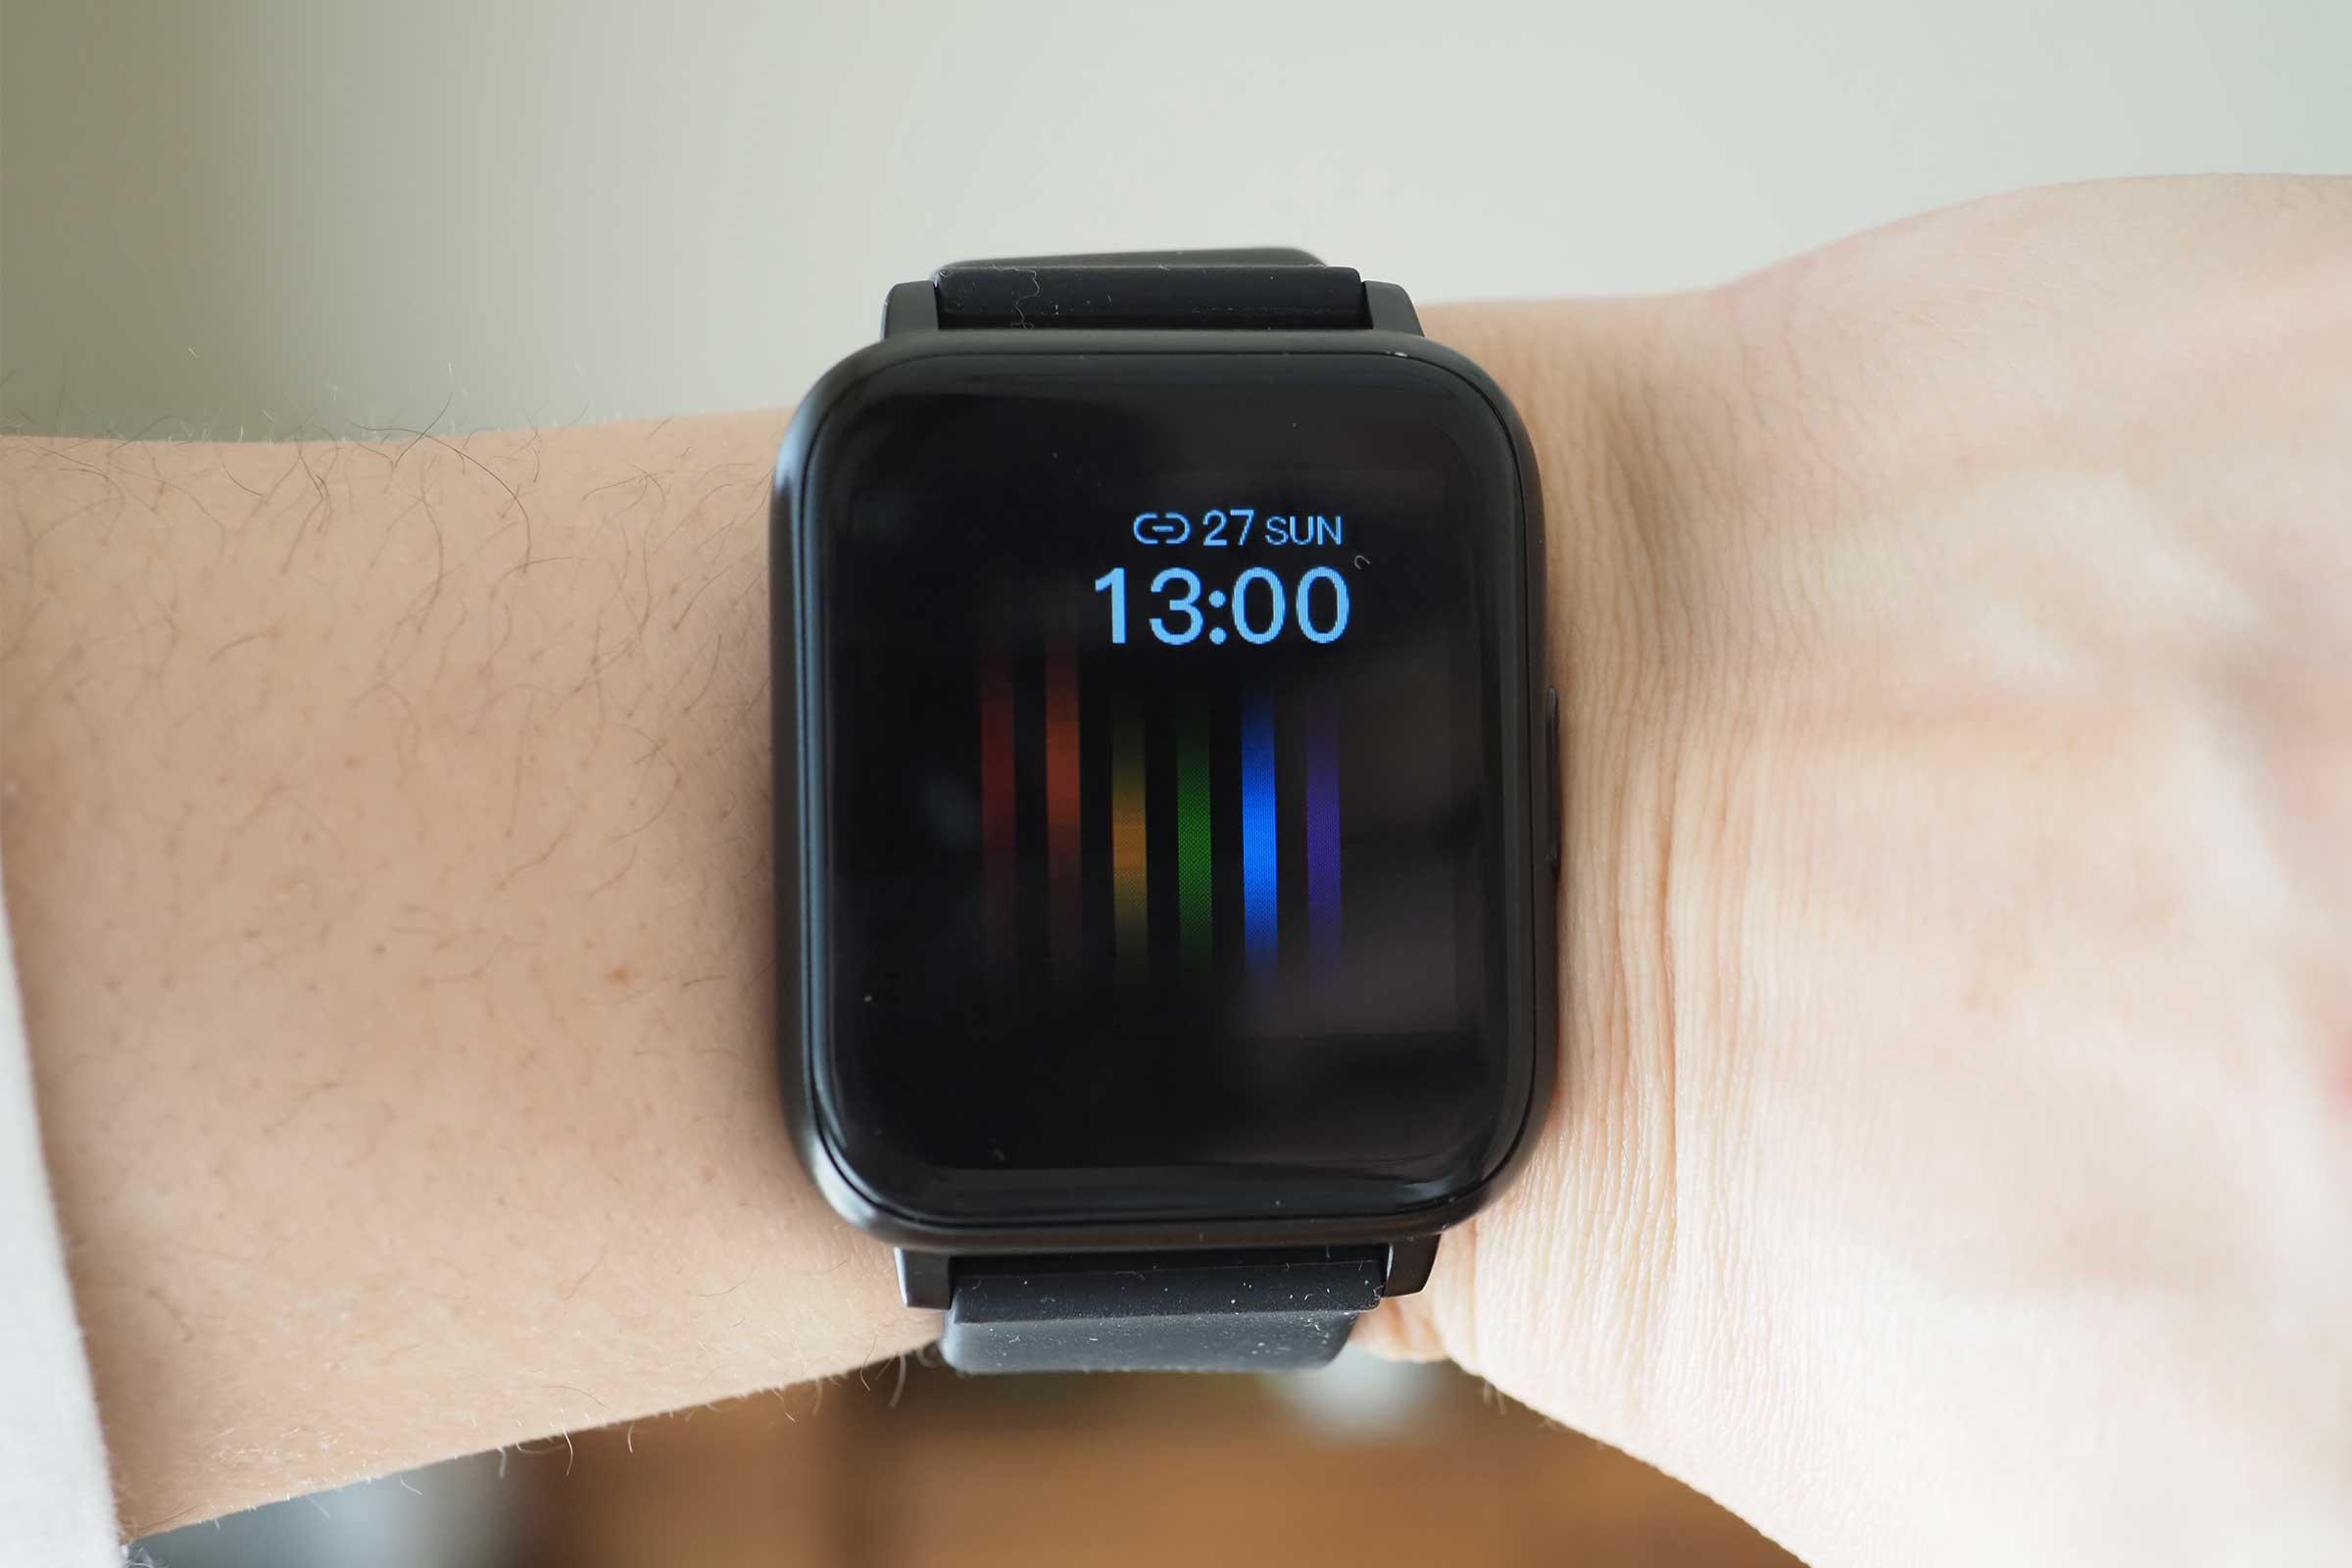 スマートウォッチ,Apple Watch,apple,高機能,安い,中華,見やすい